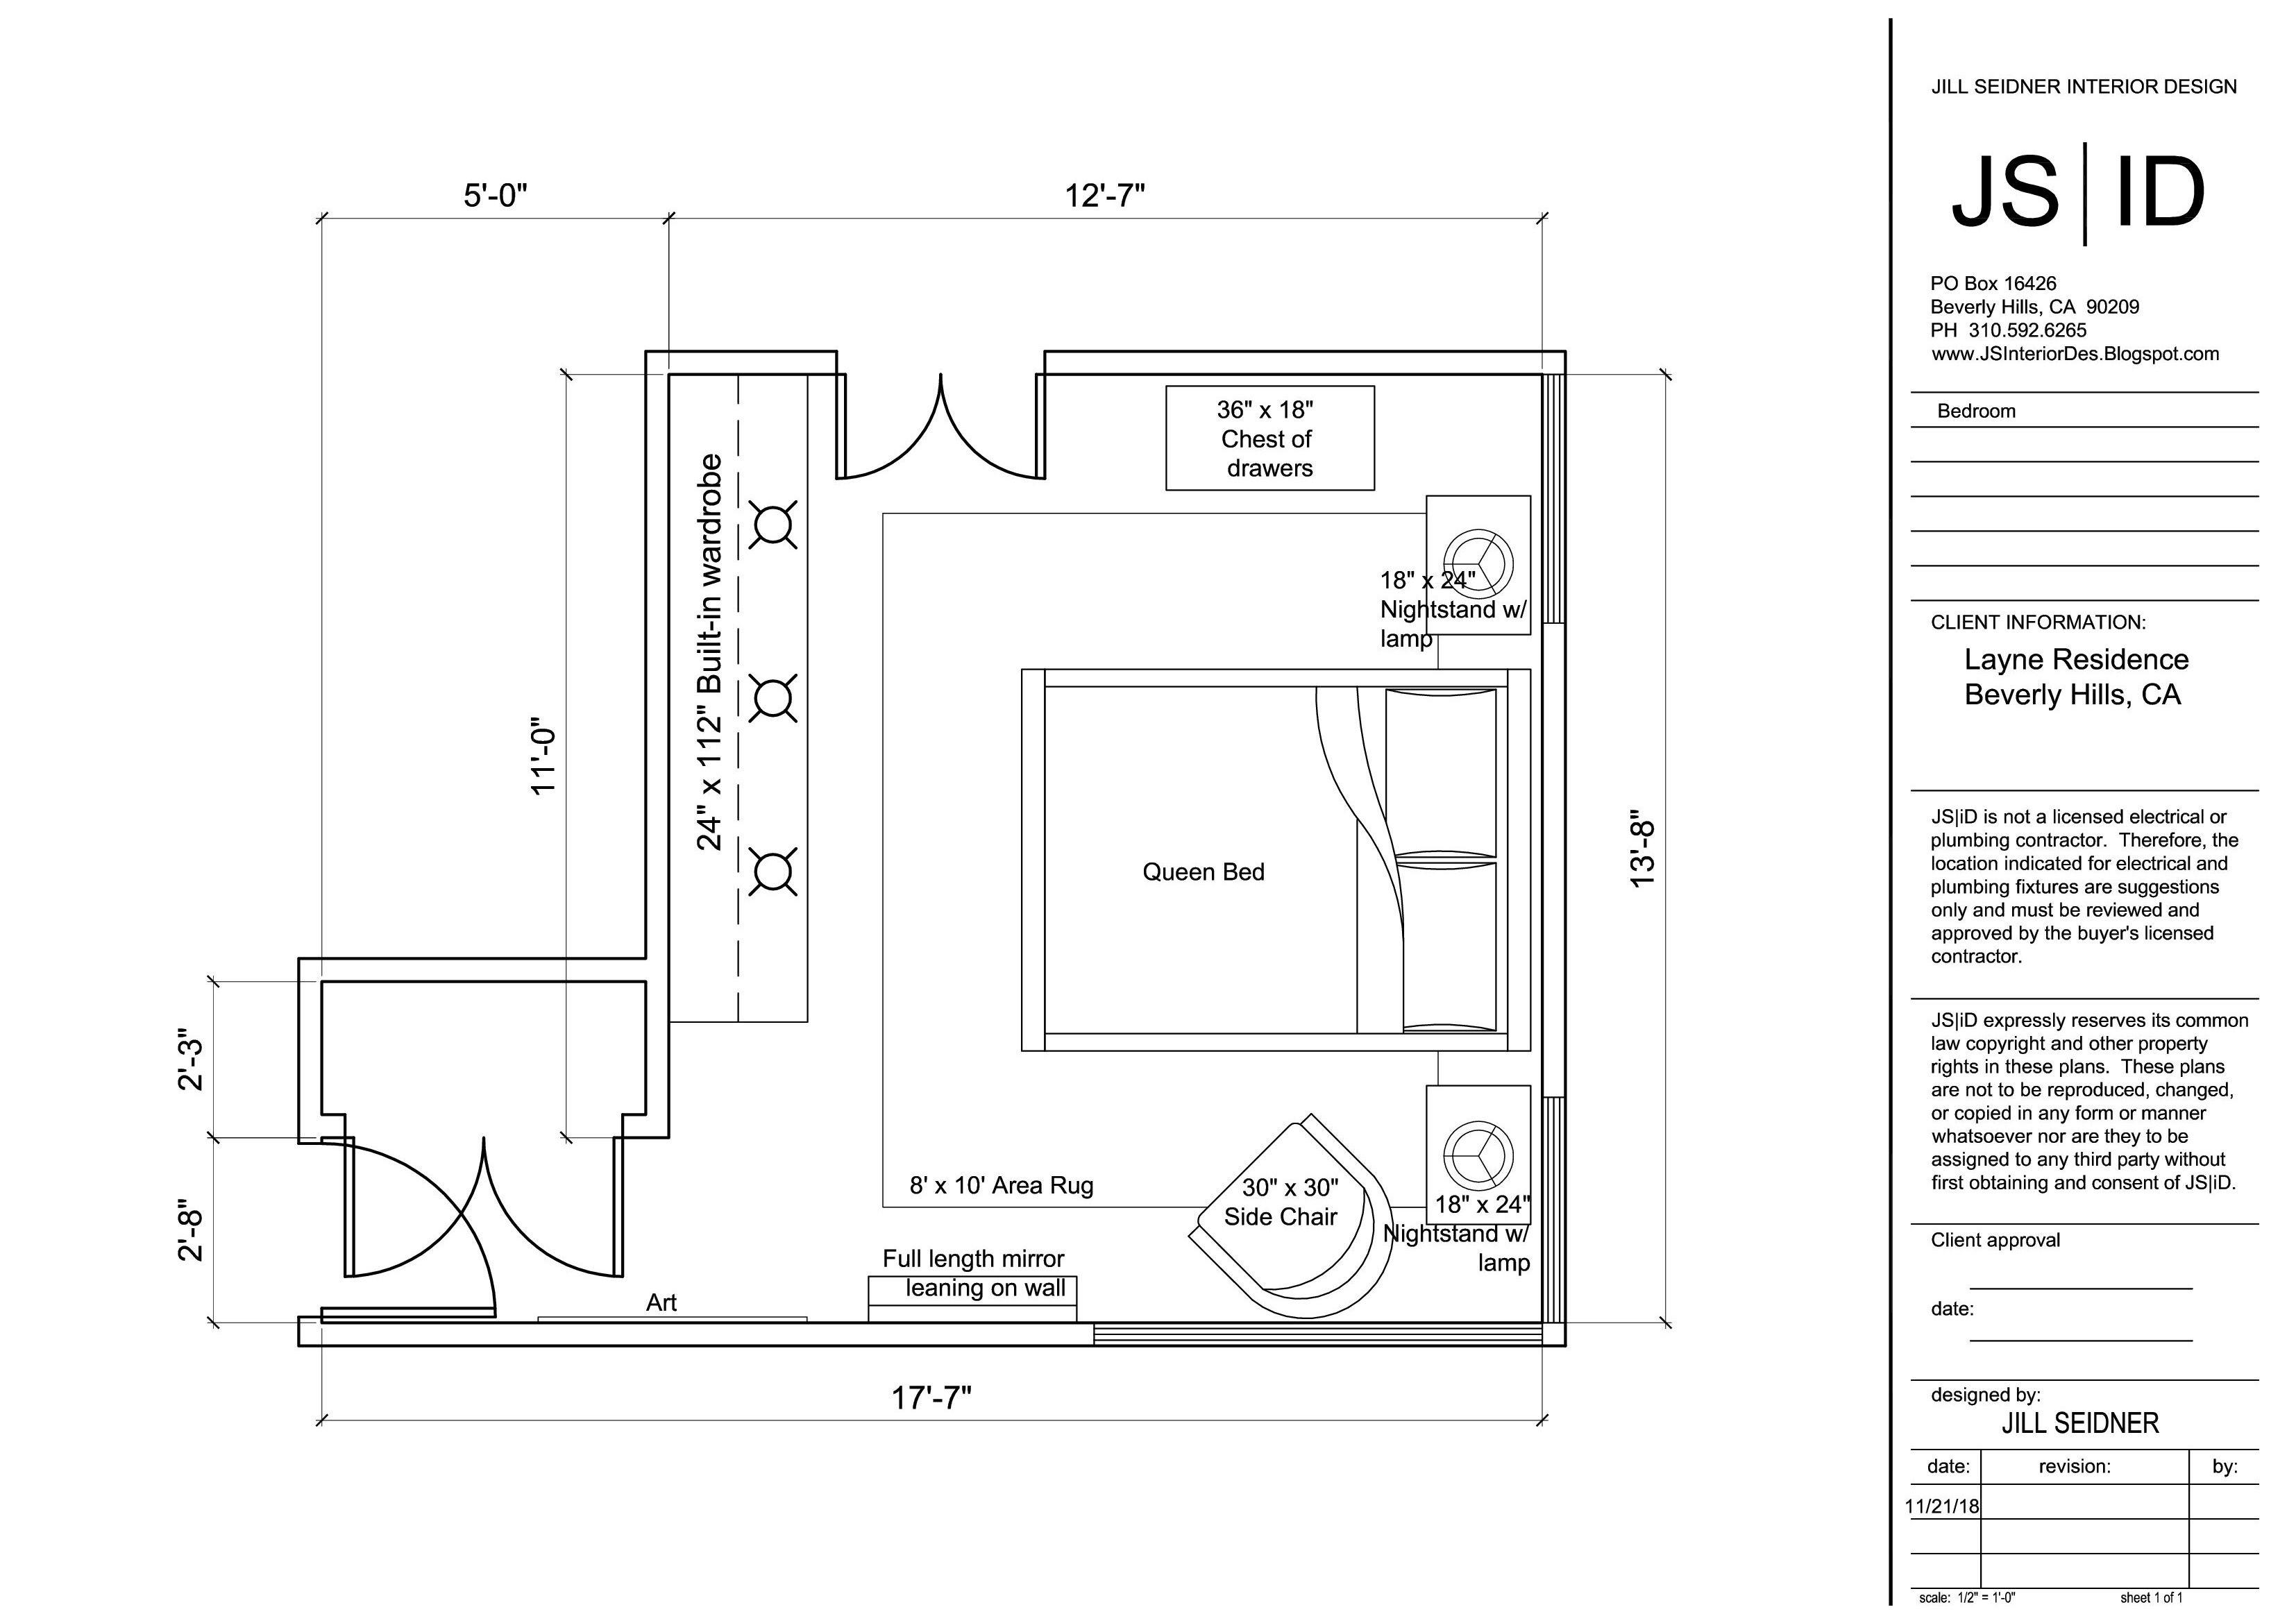 Jill Seidner Interior Design Jill Seidner Interior Design Interior Design Drawings Online Design Services Floor Plan Layout